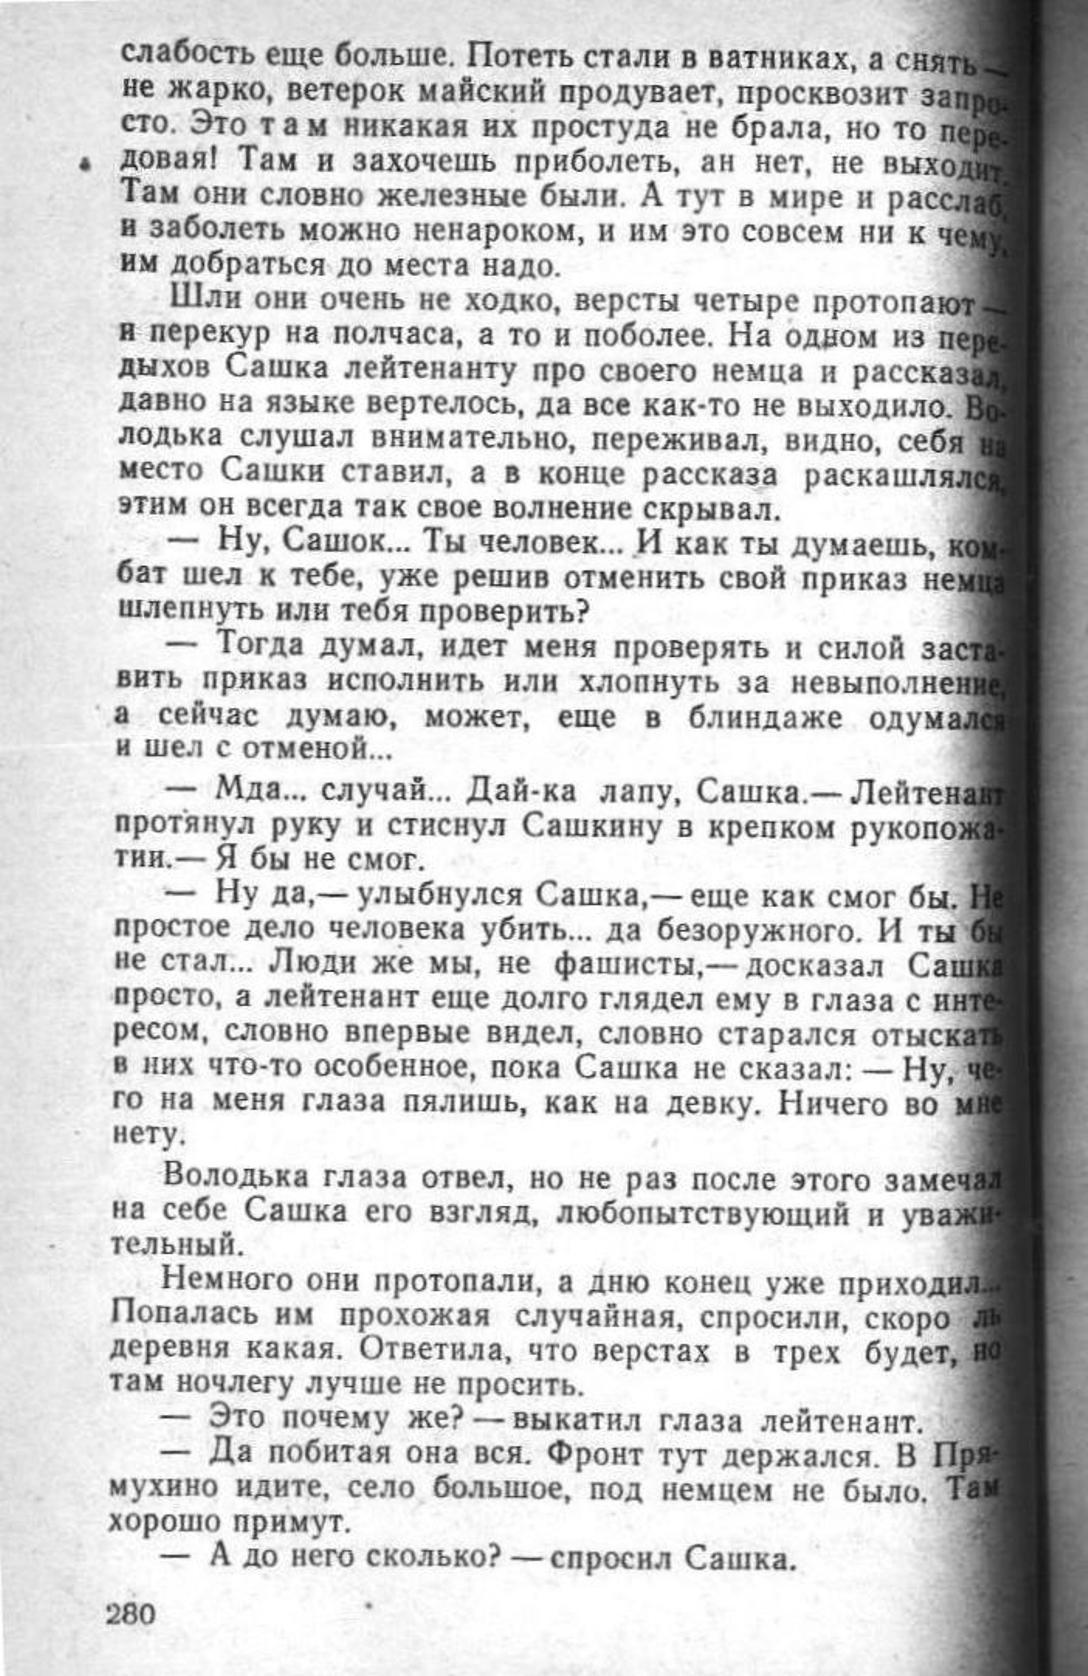 Сашка. Повесть. Вячеслав Кондратьев. 016. 001